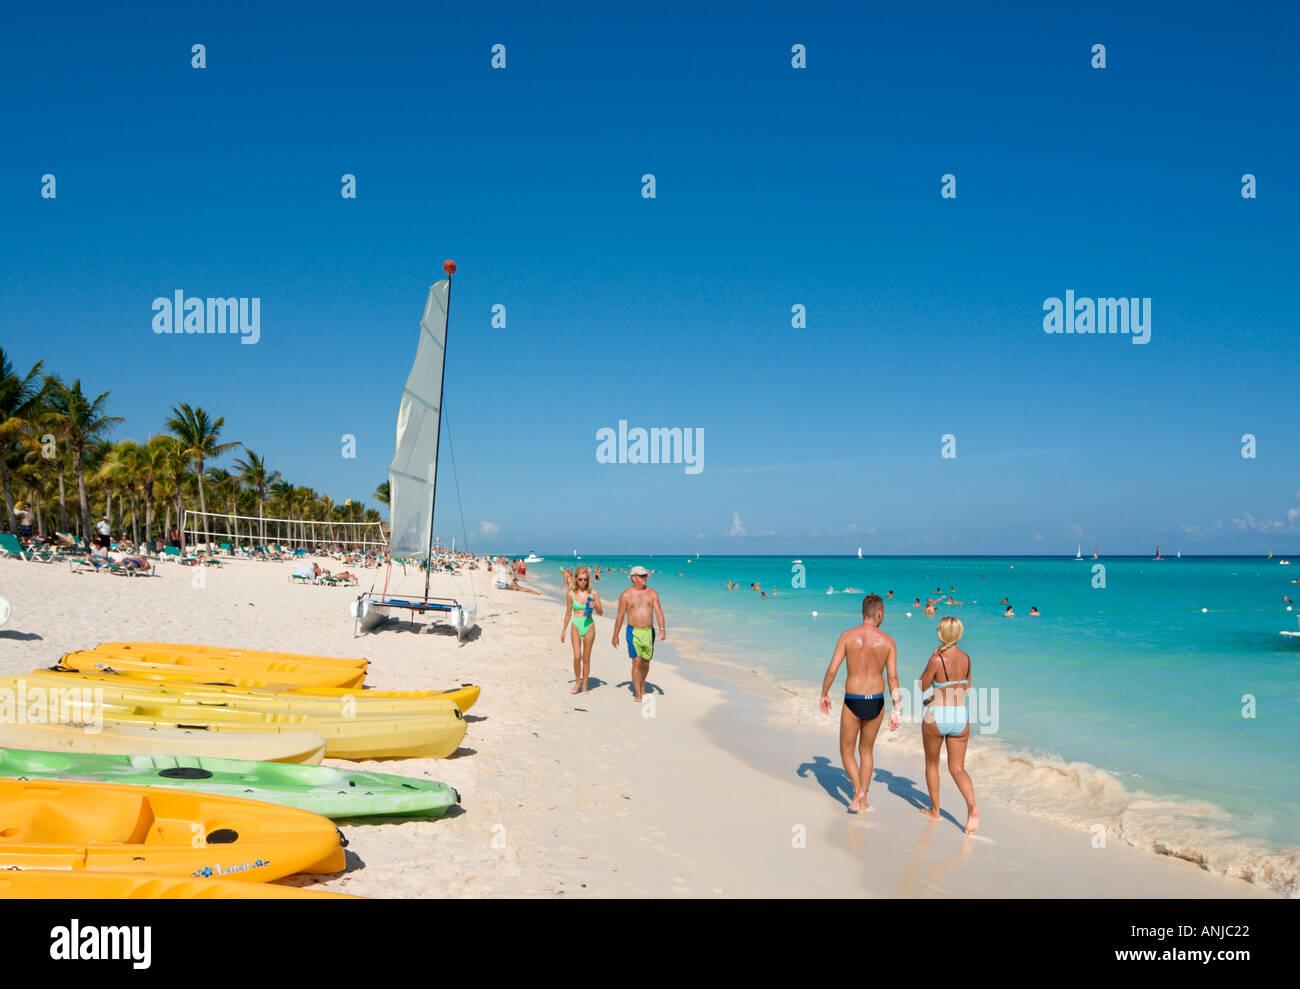 Beach outside Hotel Riu Yucatan, Playacar, Playa del Carmen, Riviera Maya, Yucatan Peninsula, Mexico - Stock Image